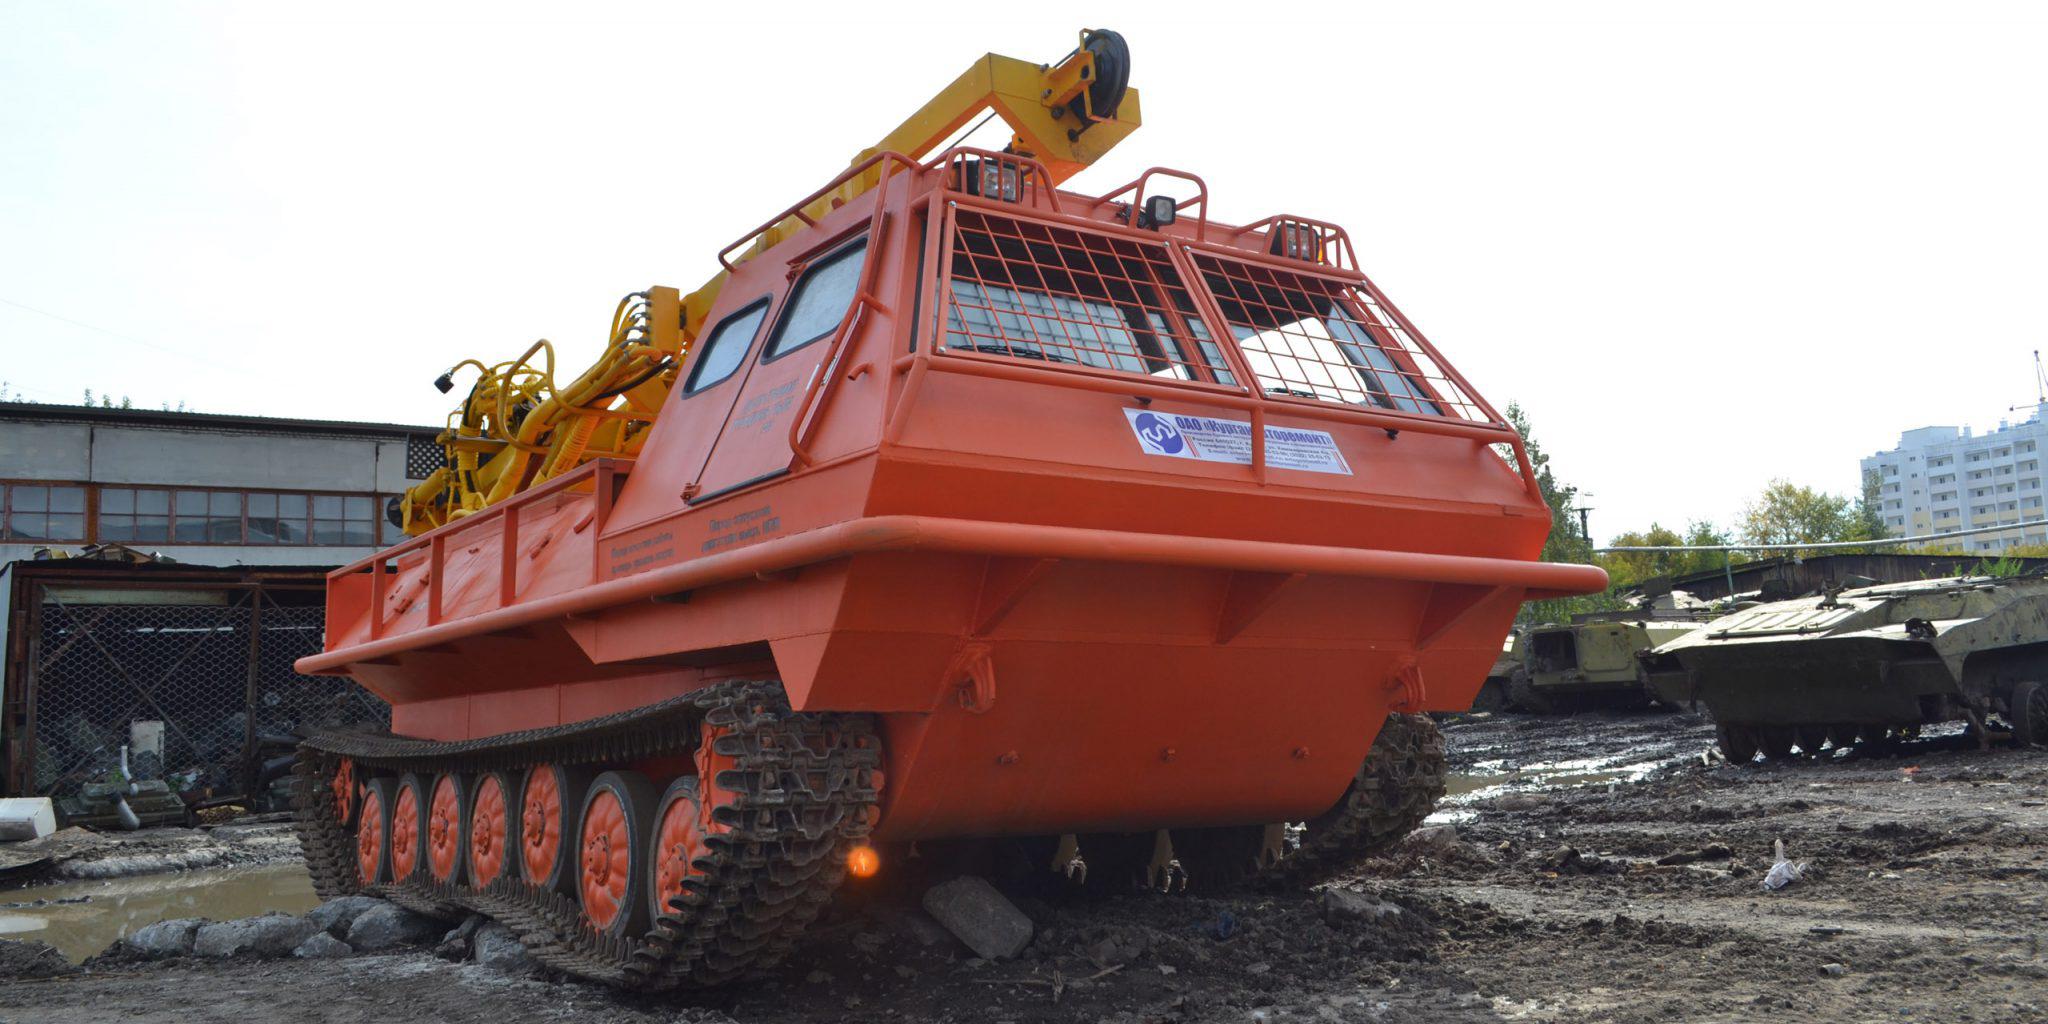 Установка буровая гидромеханизированная УБГМ-1Д с продувкой на базе многоцелевого снегоболотохода КТМ-11В